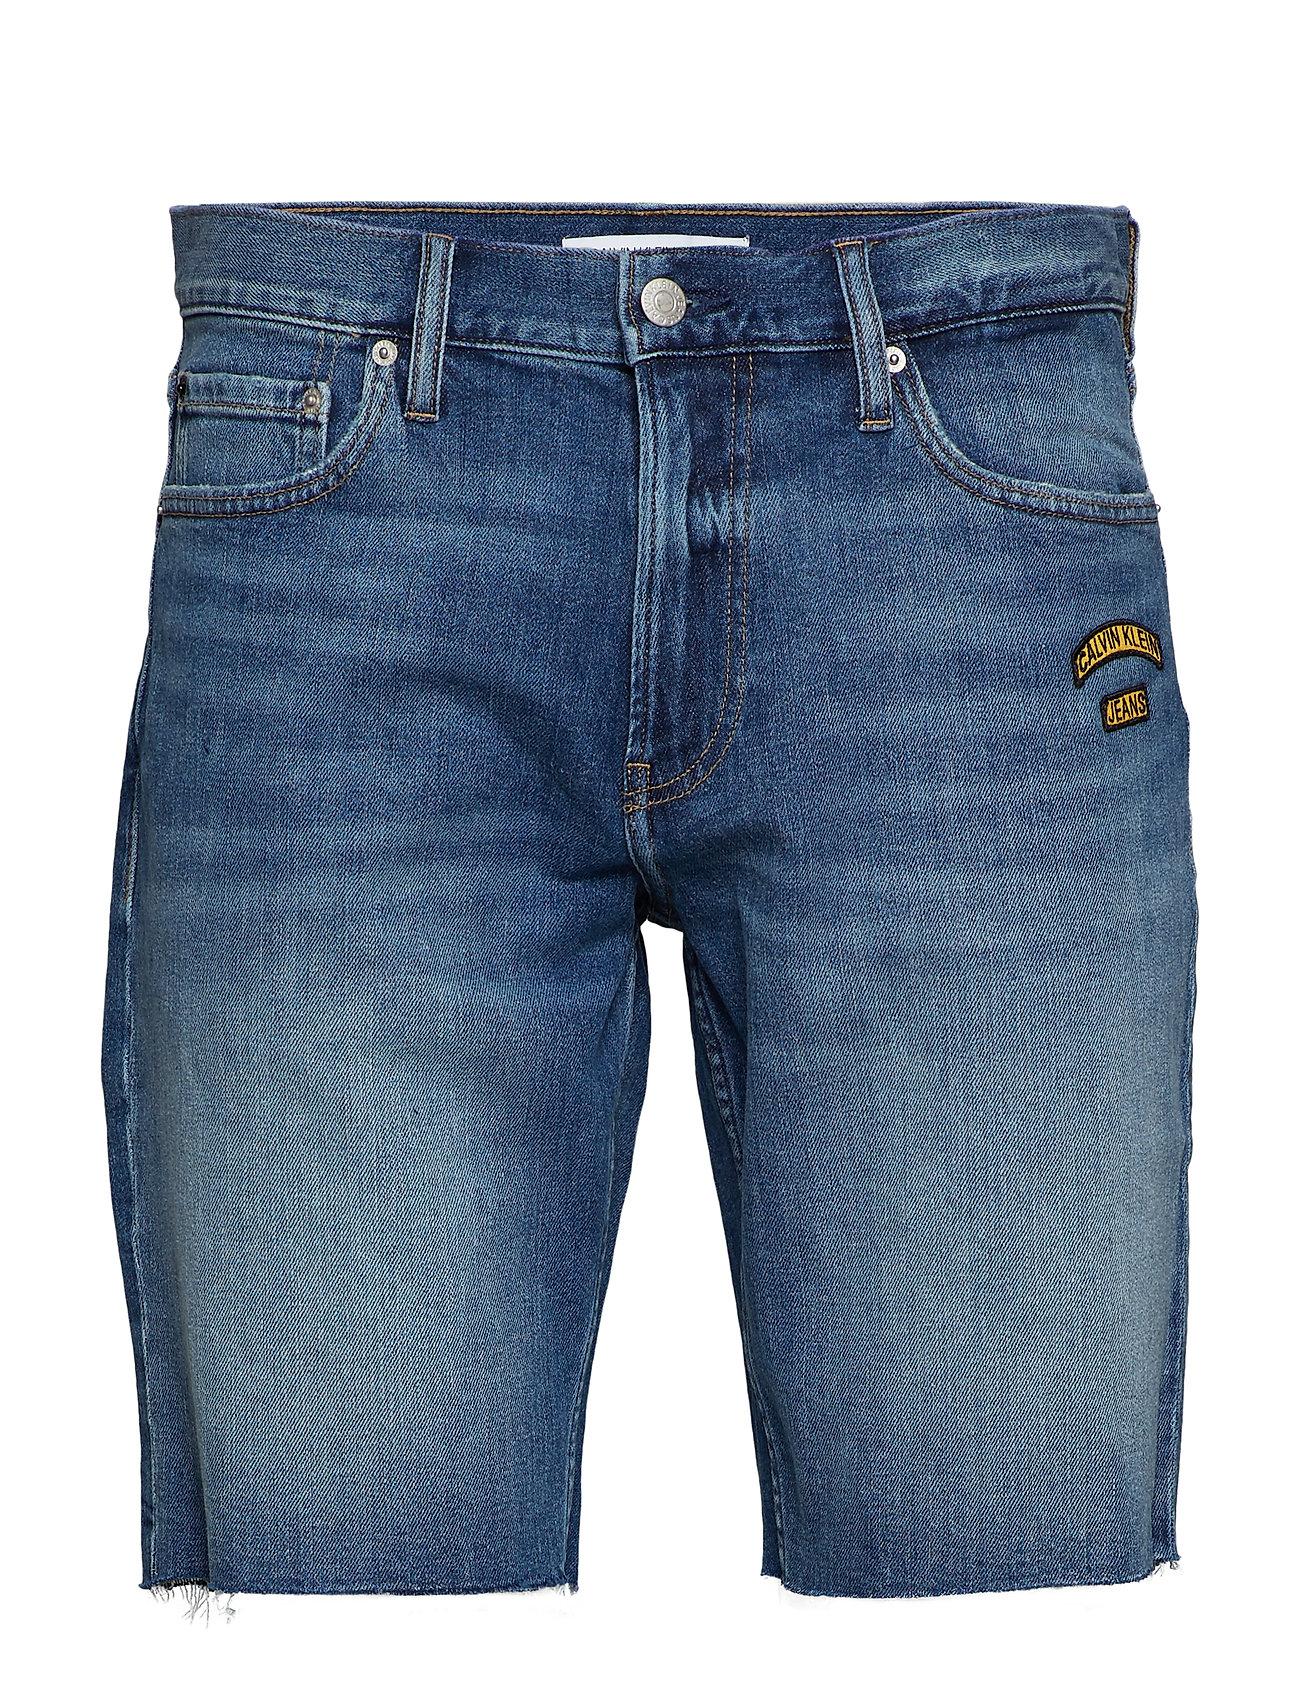 Calvin Klein Jeans SLIM SHORT - BERGER BLUE WESTERN BADGES ROL